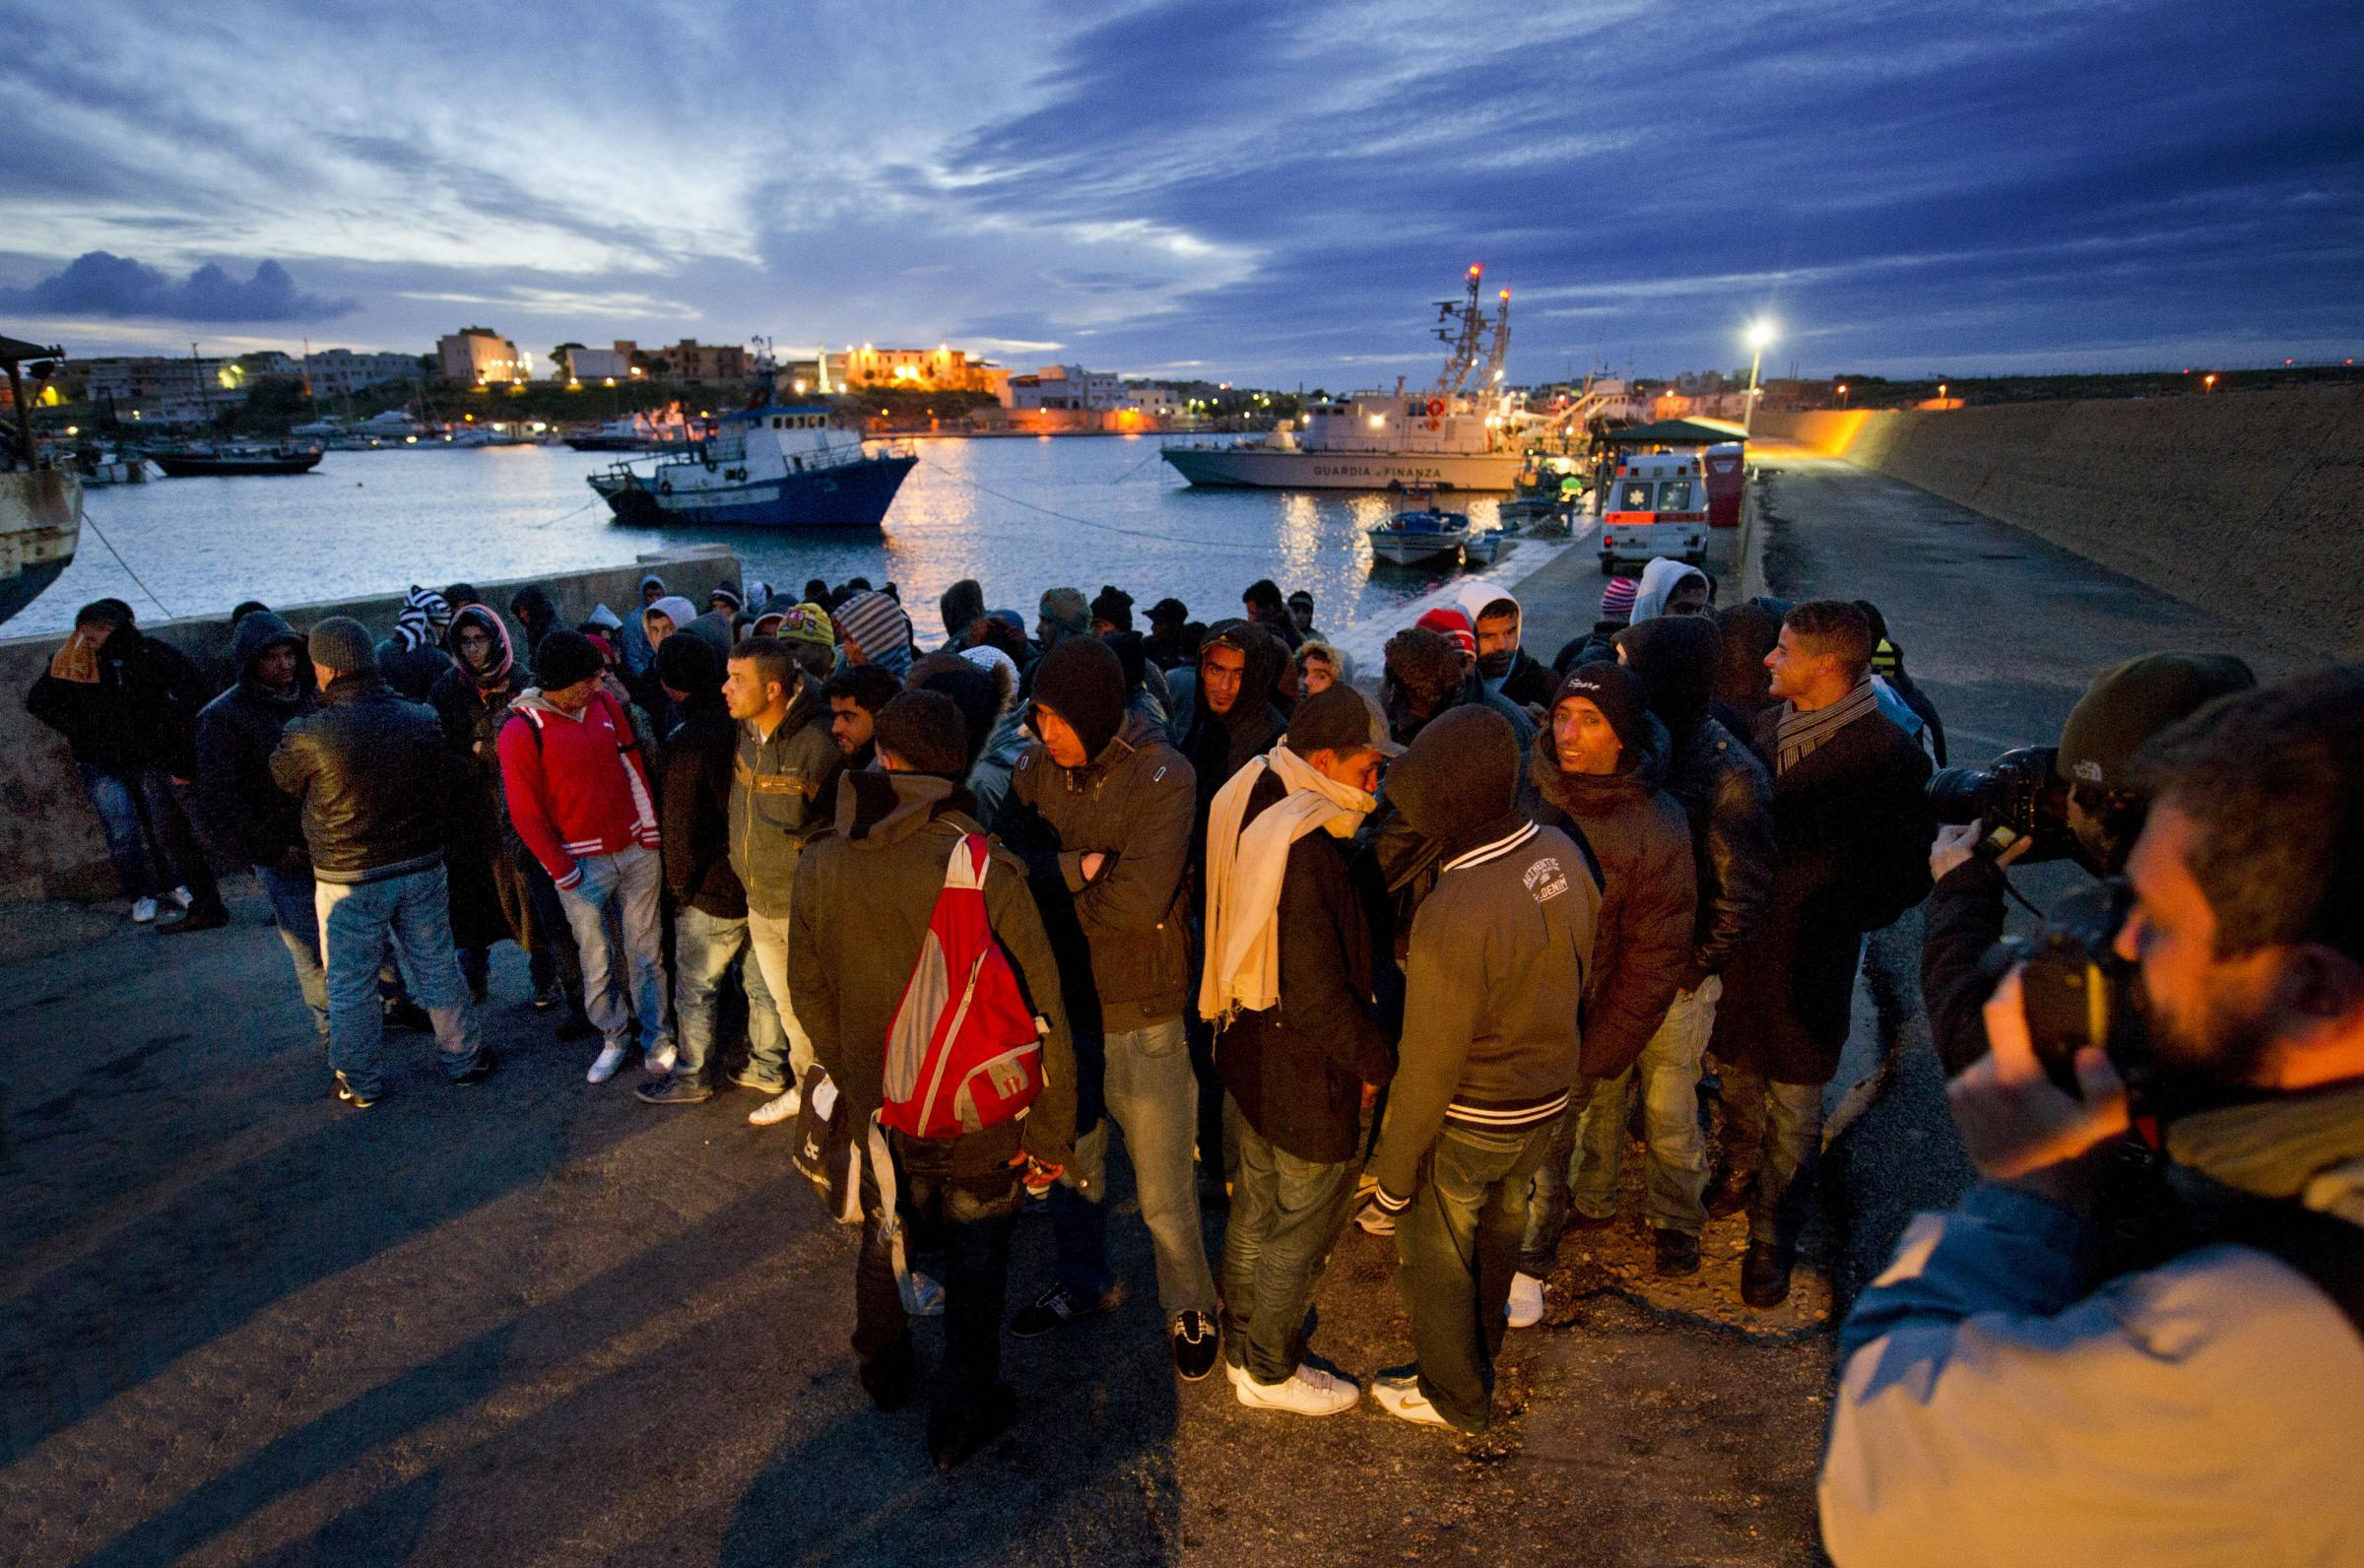 Allarme profughi, altri 529 sbarcano a Palermo. Sulle nostre coste ne arrivano in tutto 1800. I Centri di Accoglienza sono al collasso